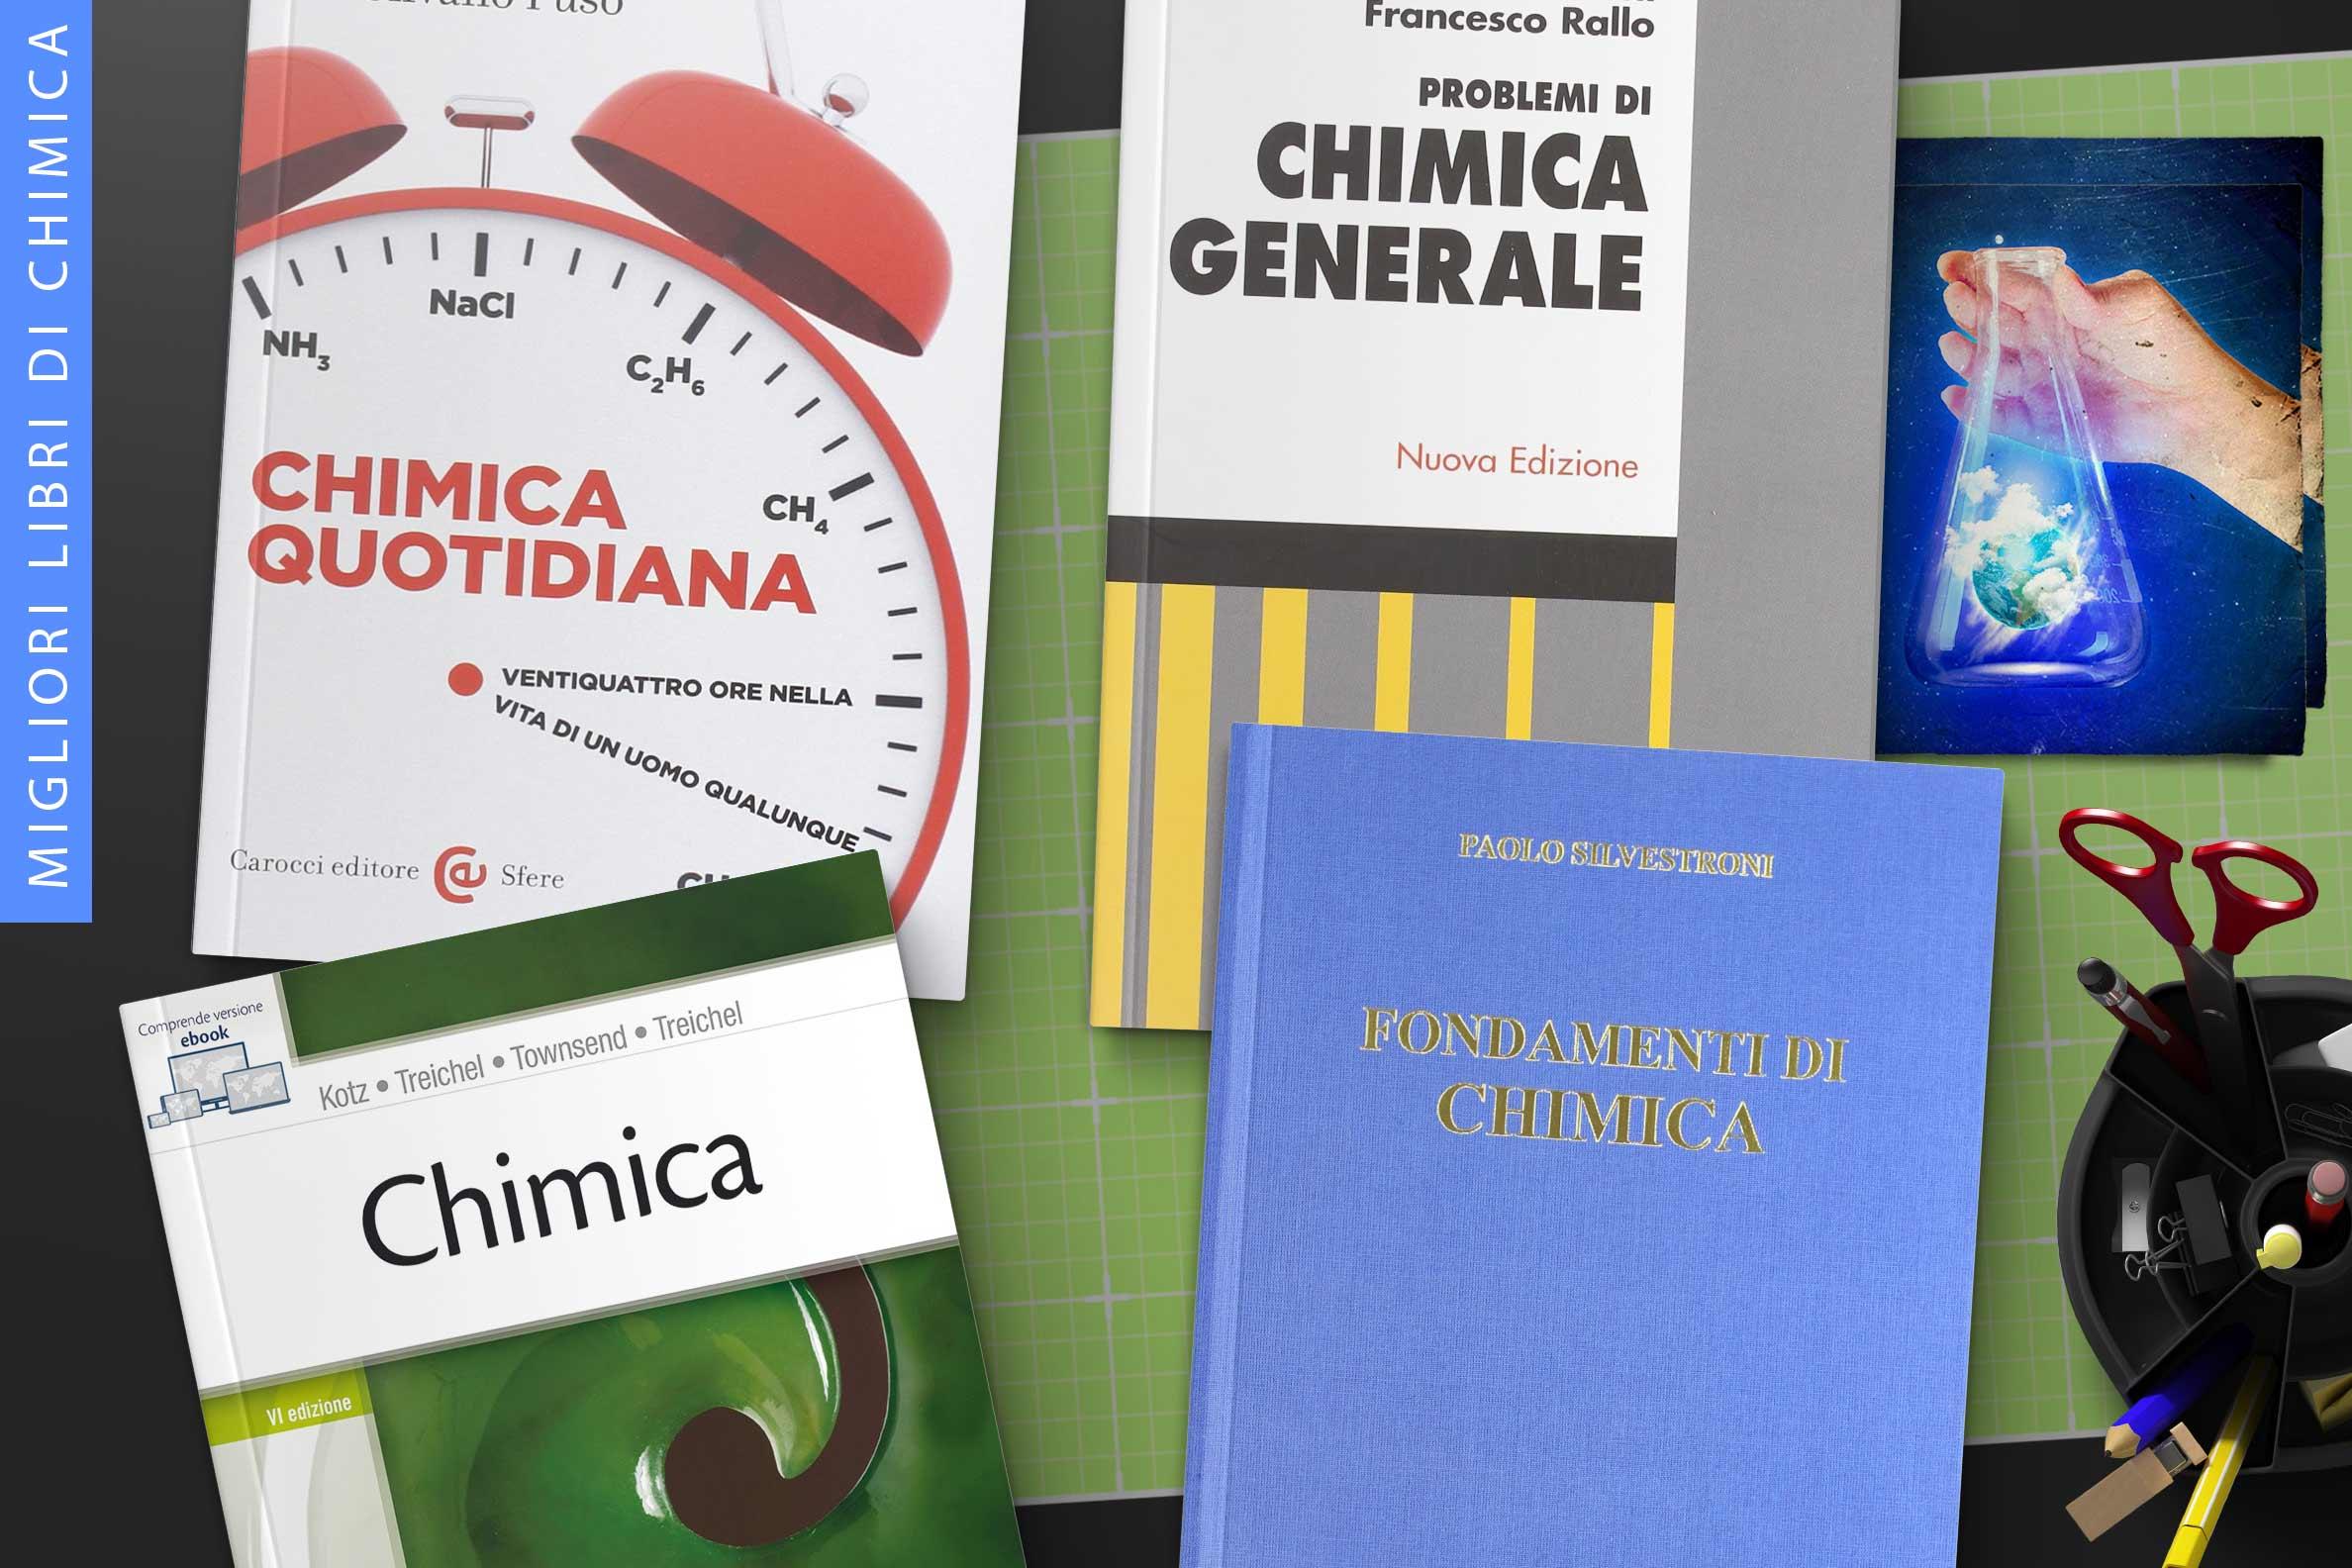 Migliori libri di Chimica   Libro per studiare la chimica facilmente